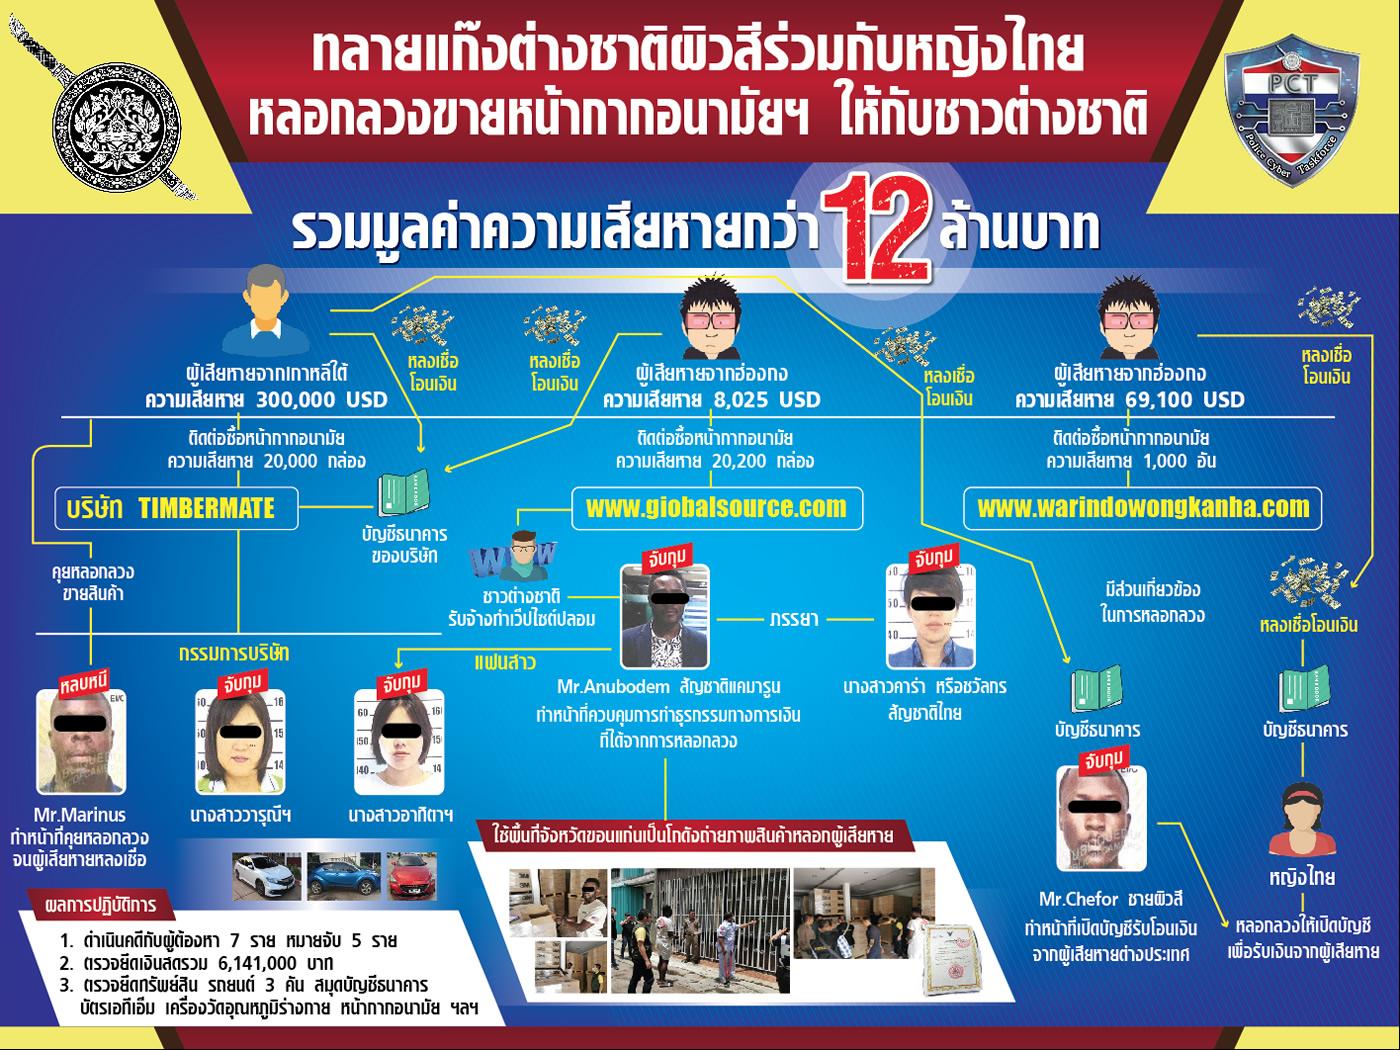 マスク販売詐欺グループを逮捕、香港と韓国で1200万バーツの被害